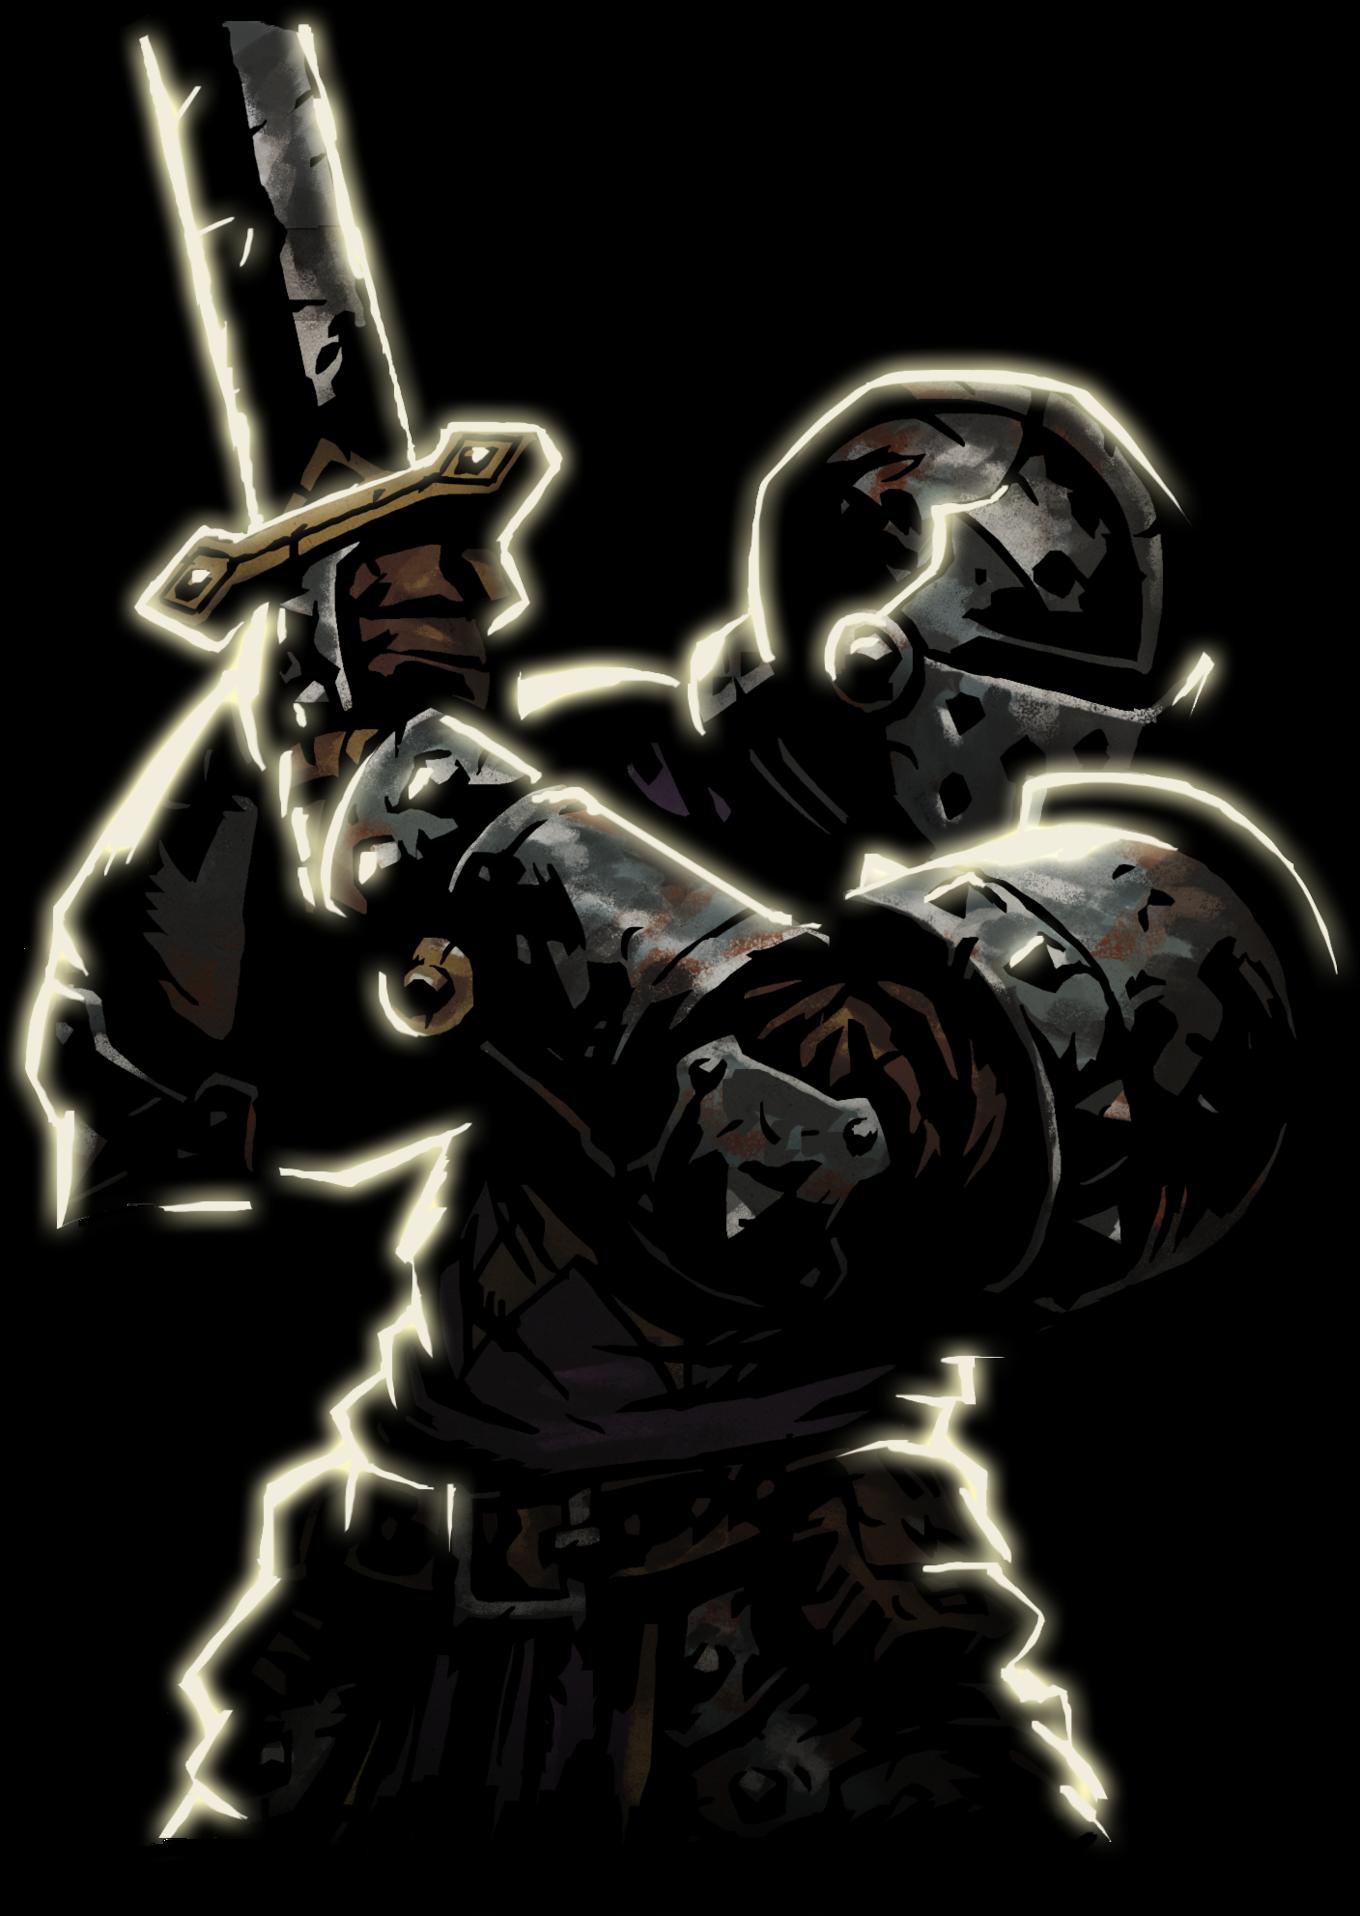 Darkest Dungeon Heroics Darkest Dungeon Dungeon Dark Fantasy